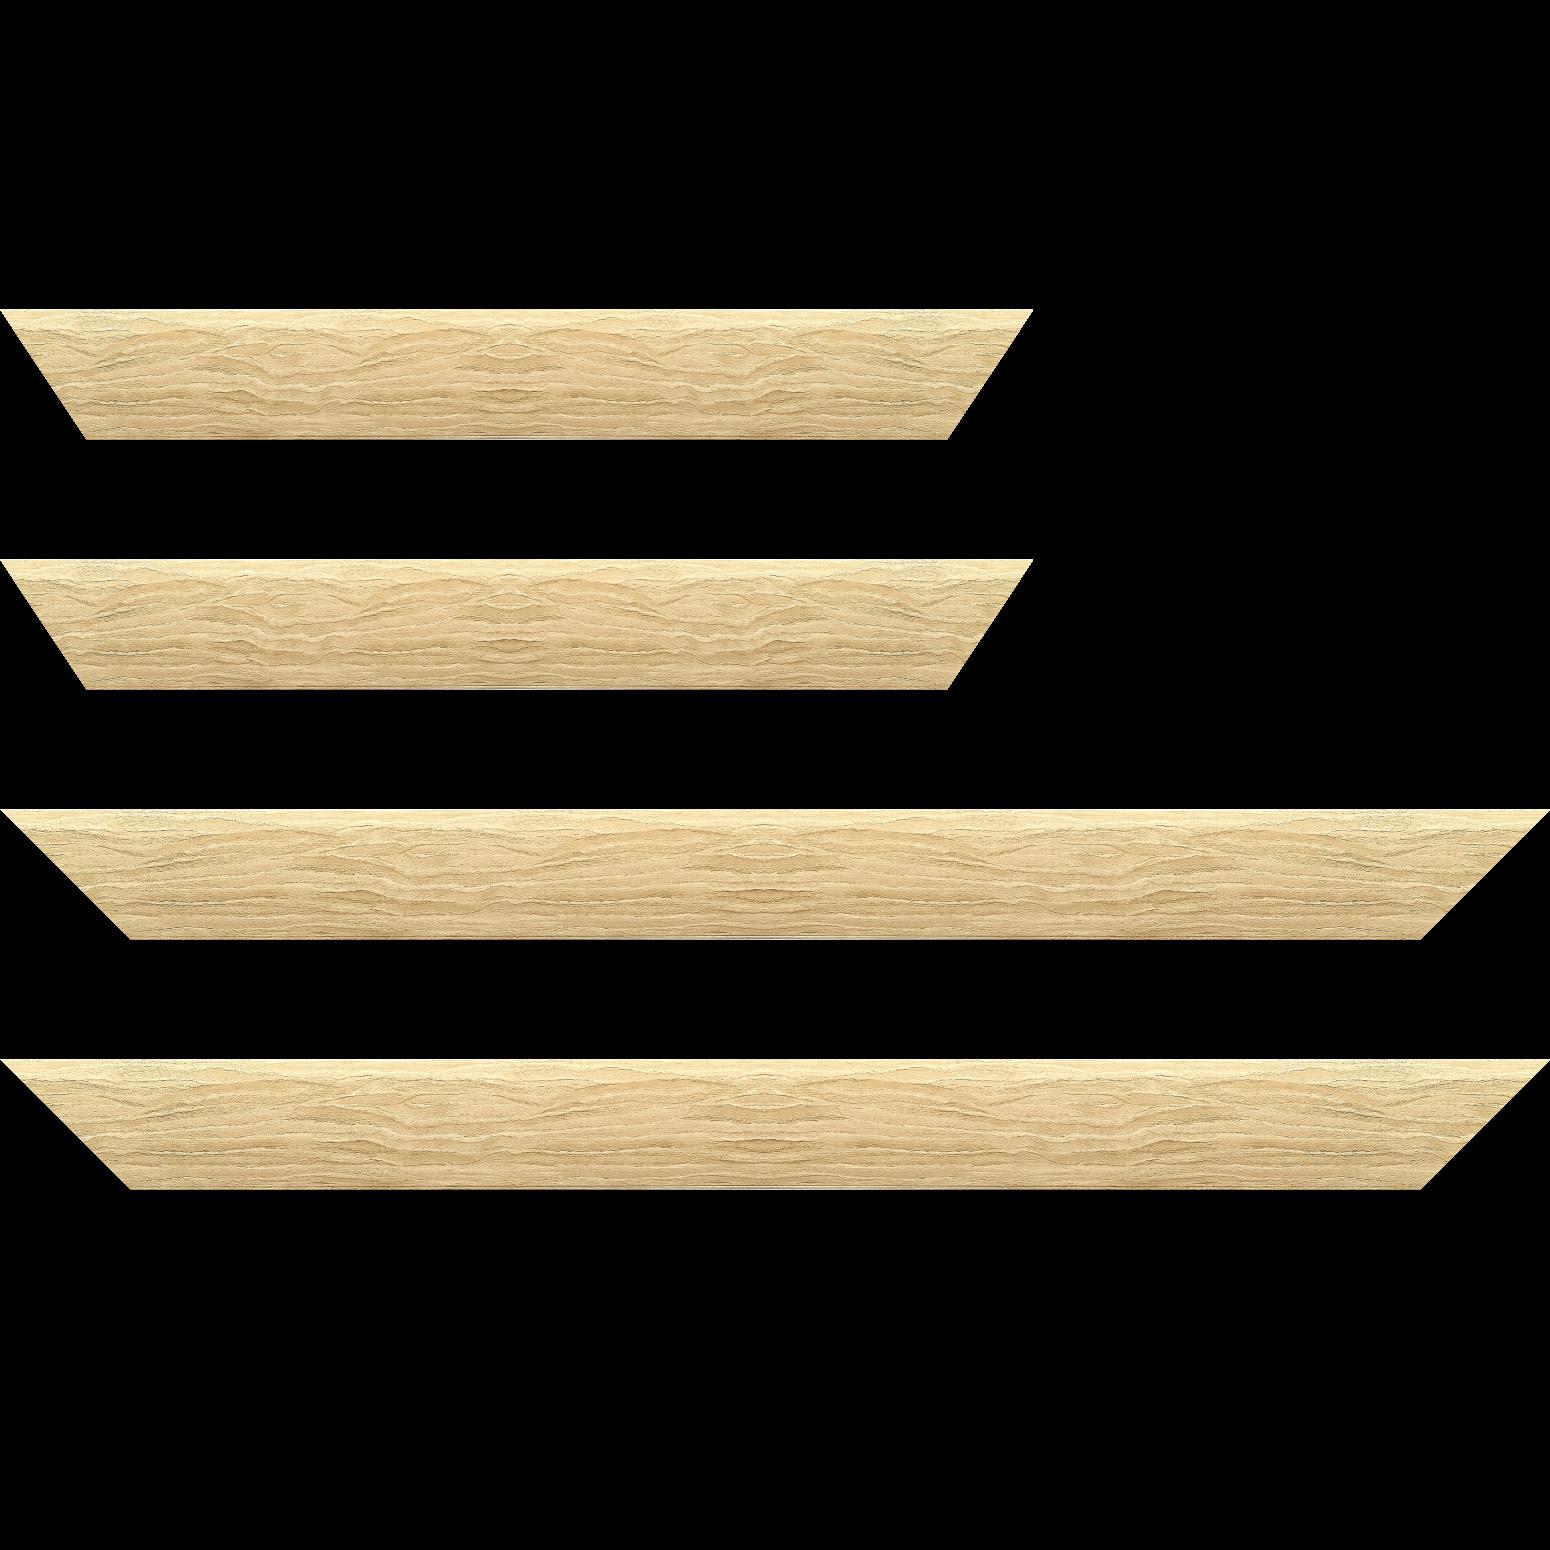 Baguette service précoupé Bois profil plat largeur 4.2cm décor bois naturel